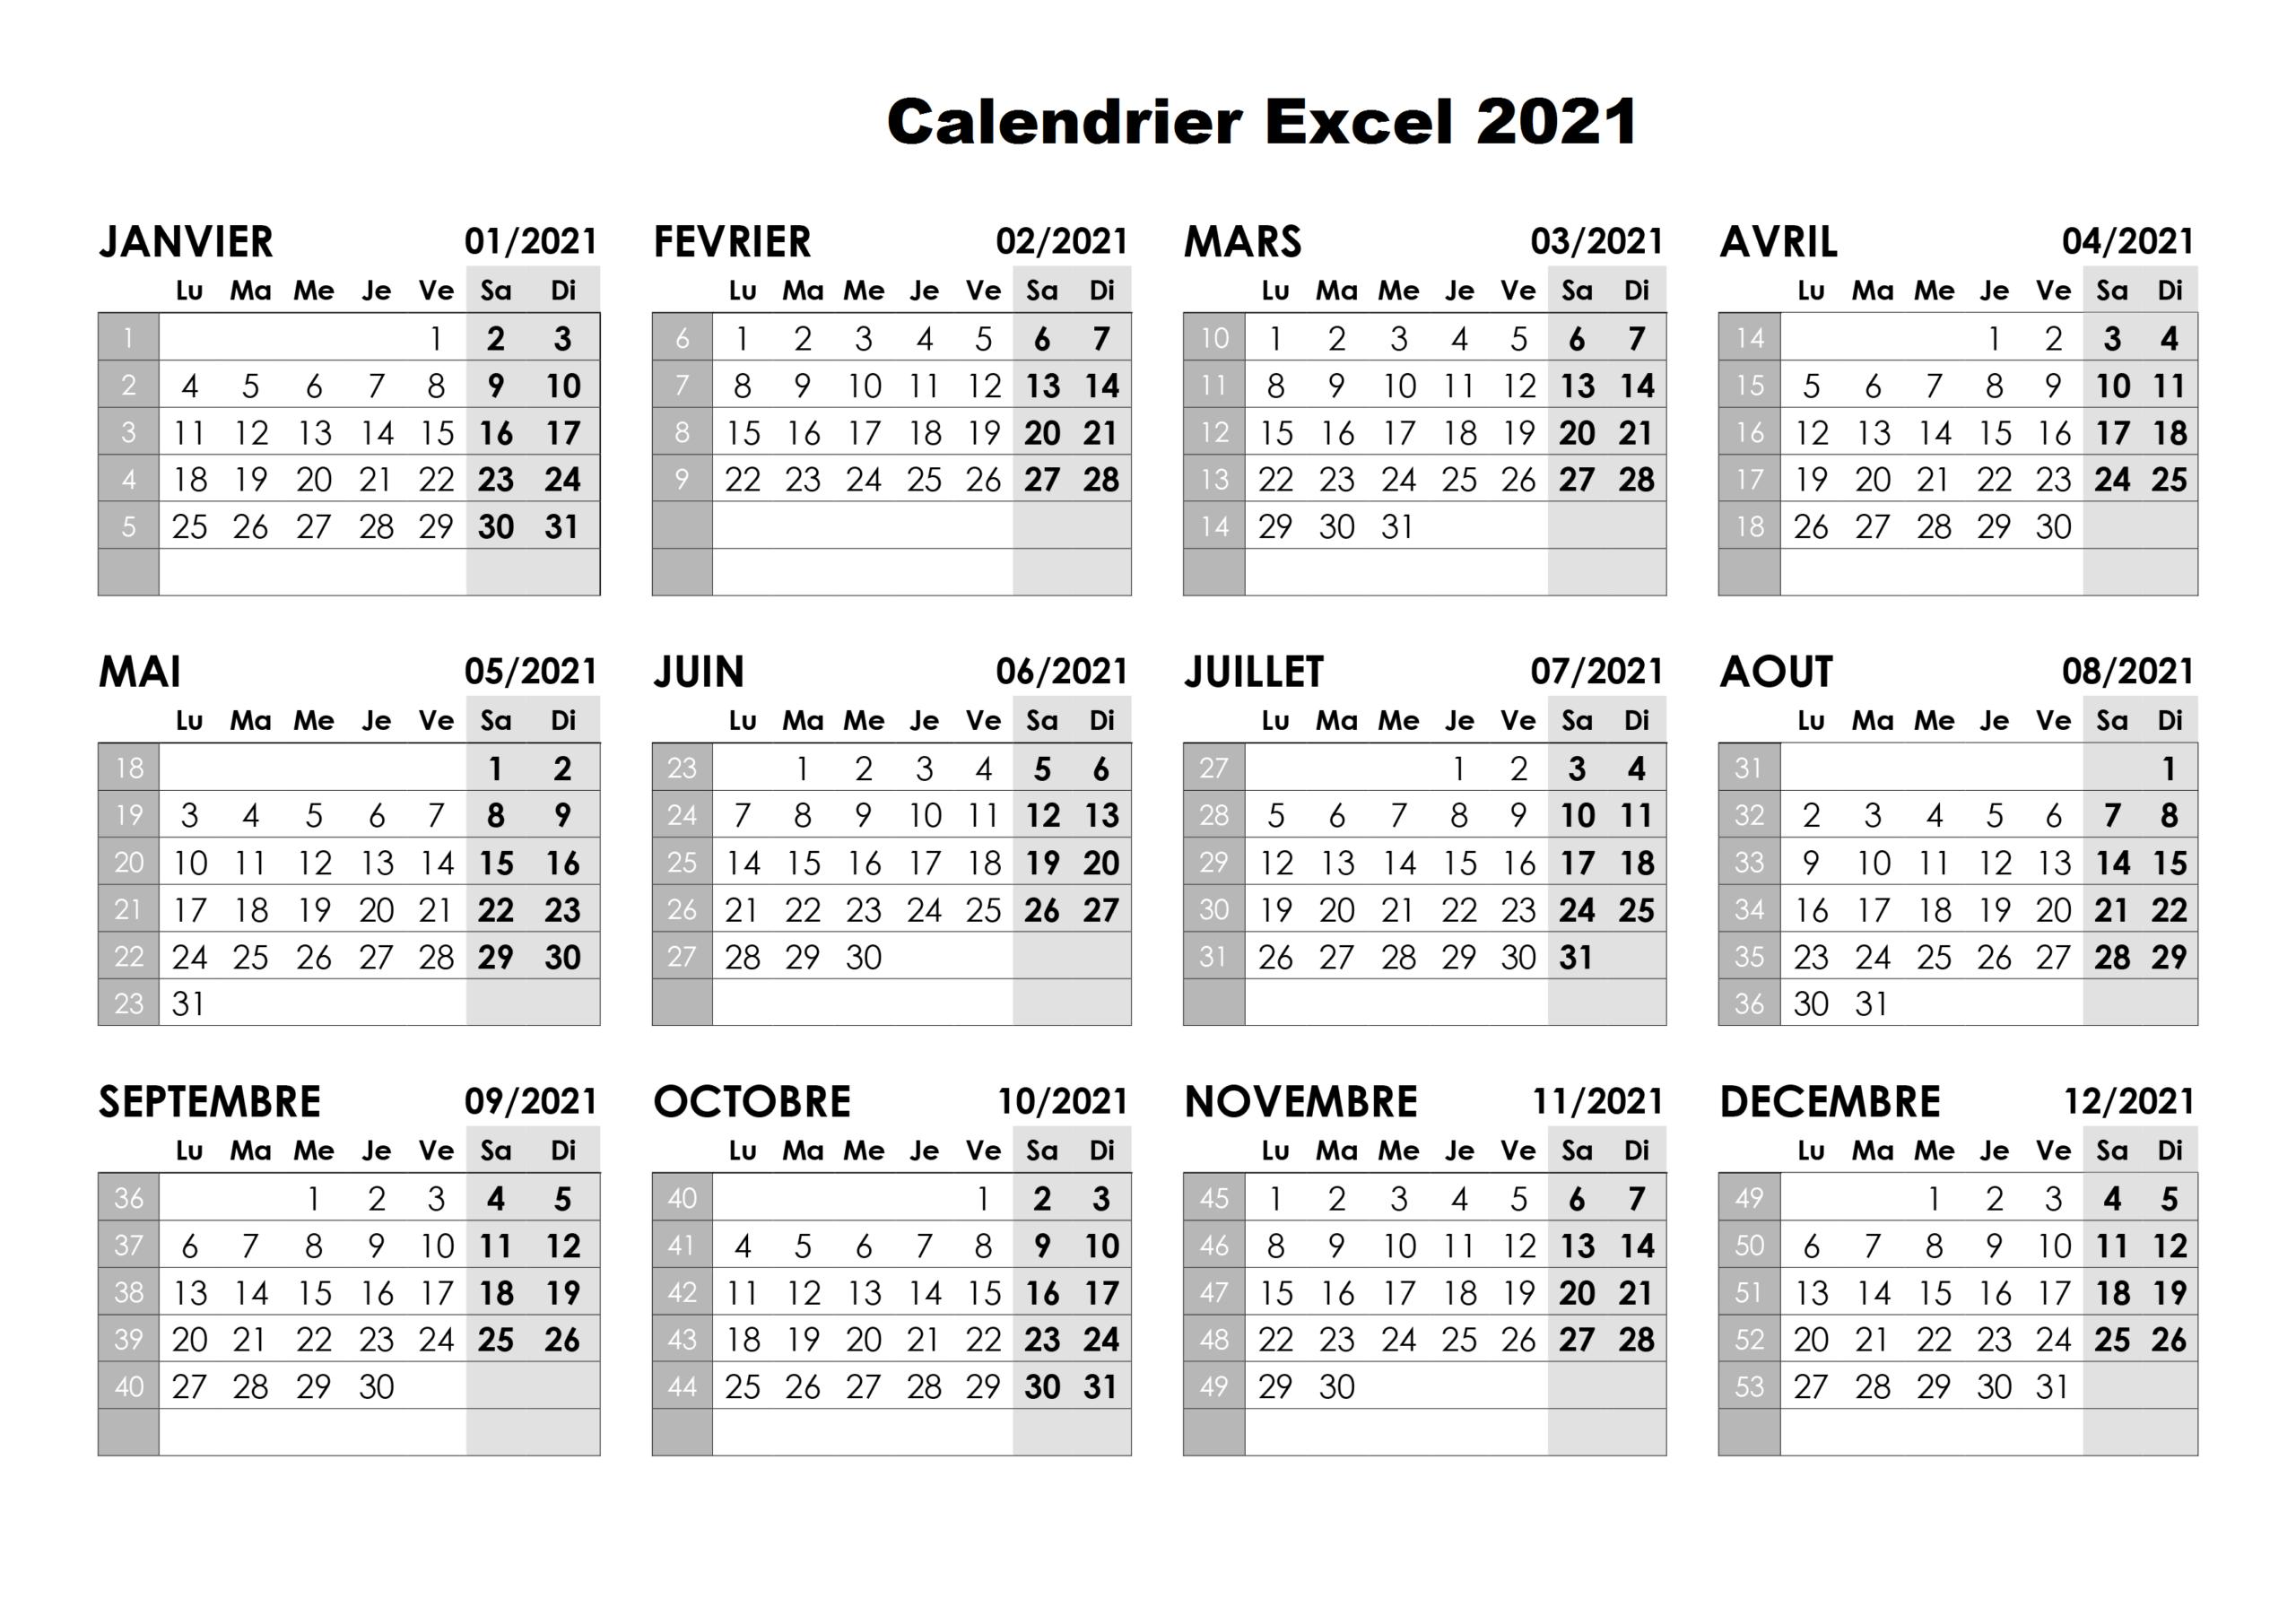 Imprimable Modifiable Calendrier 2021 Excel Modèle | The for Calendrier À Imprimer 2021